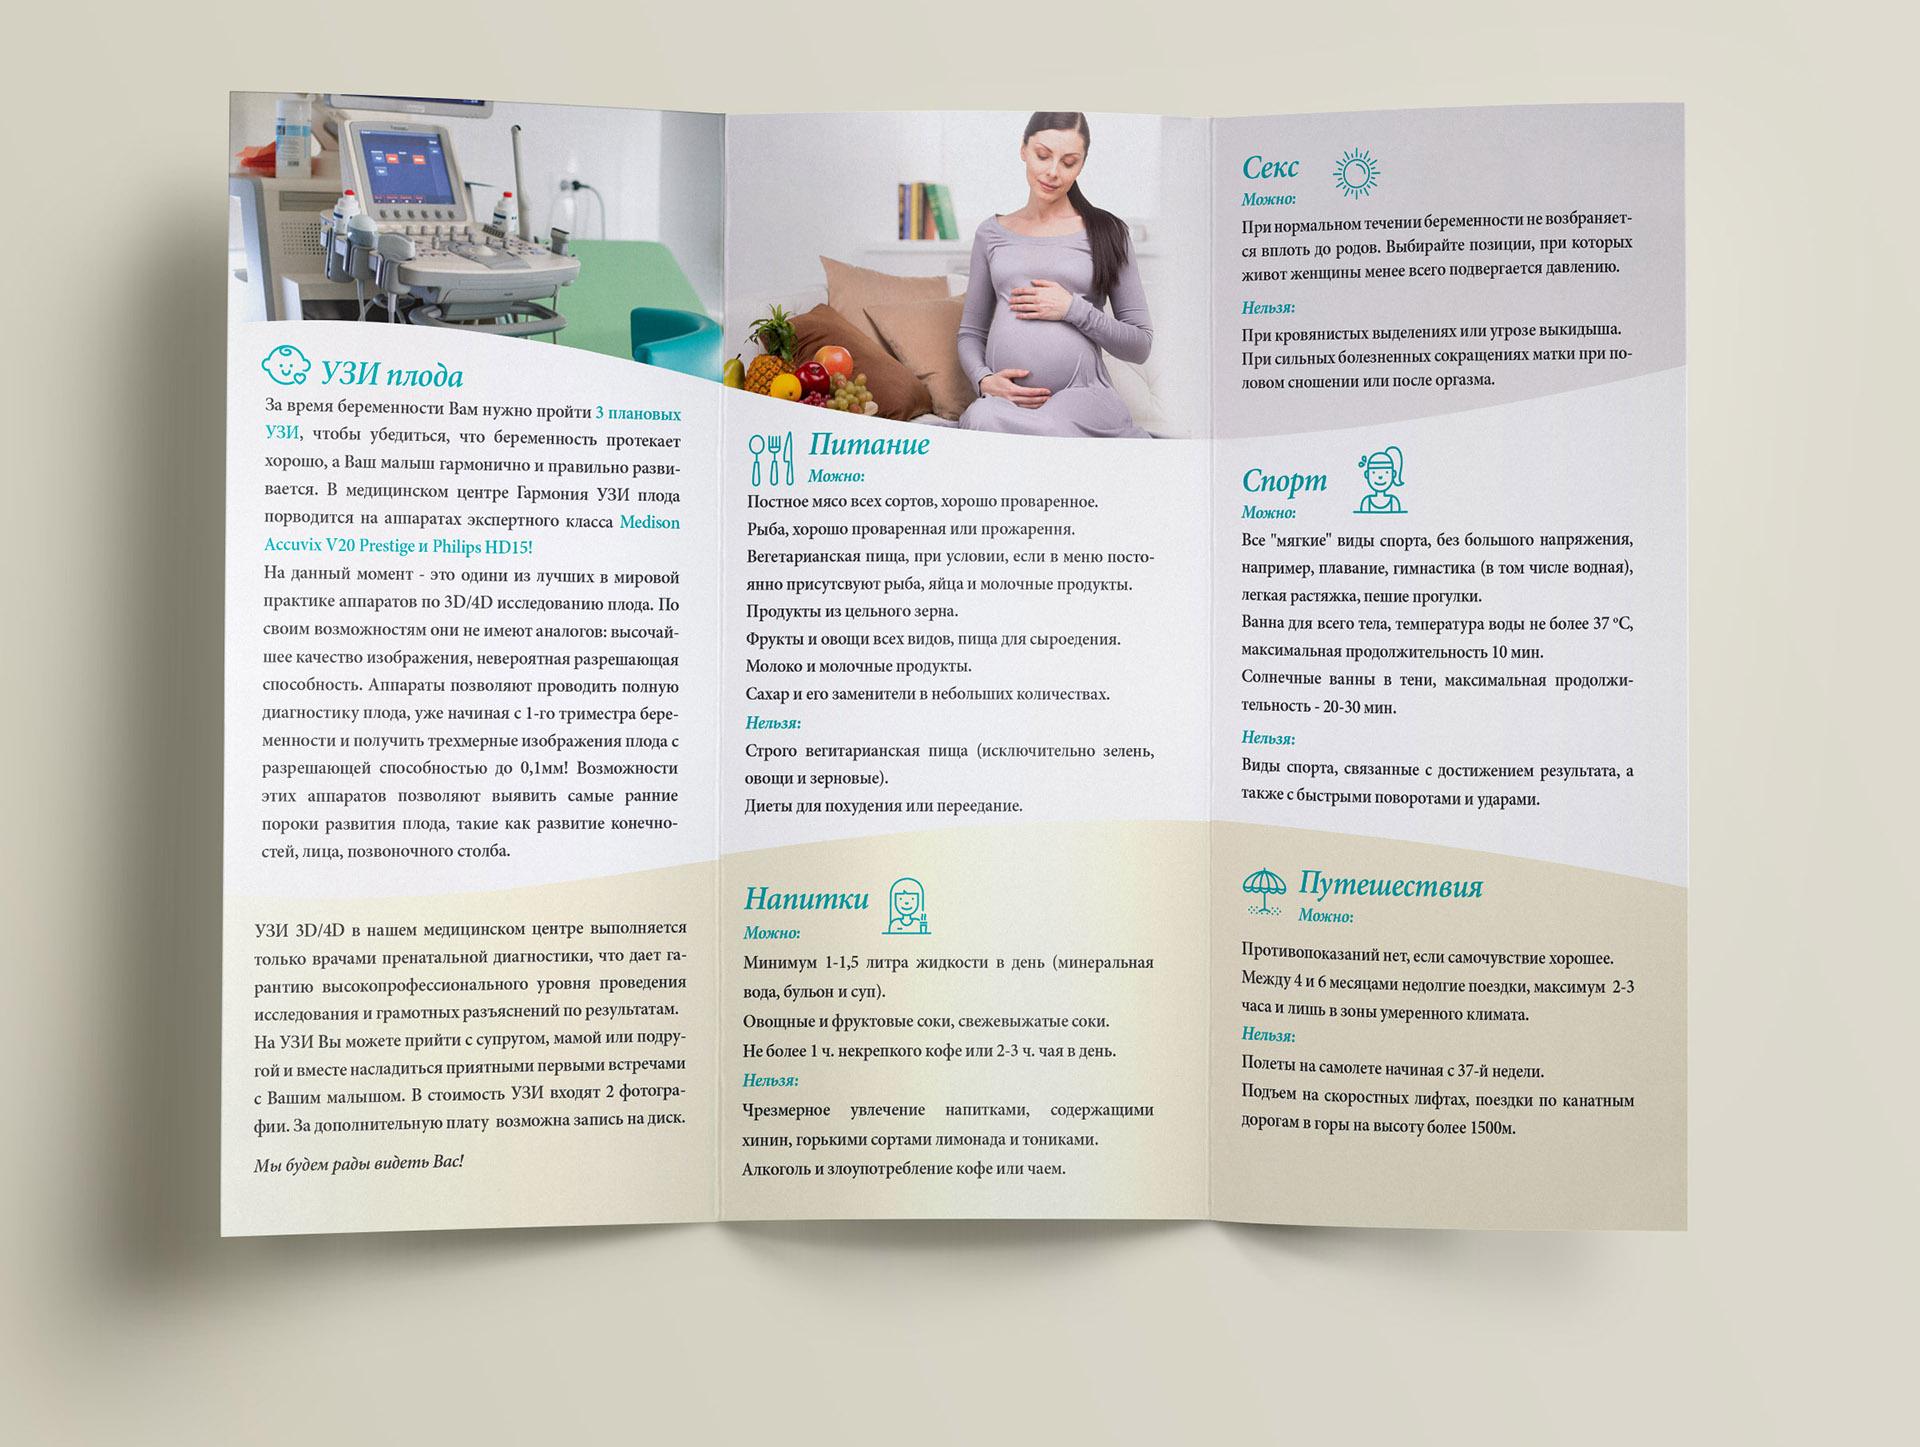 дизайн брошюры медицинской